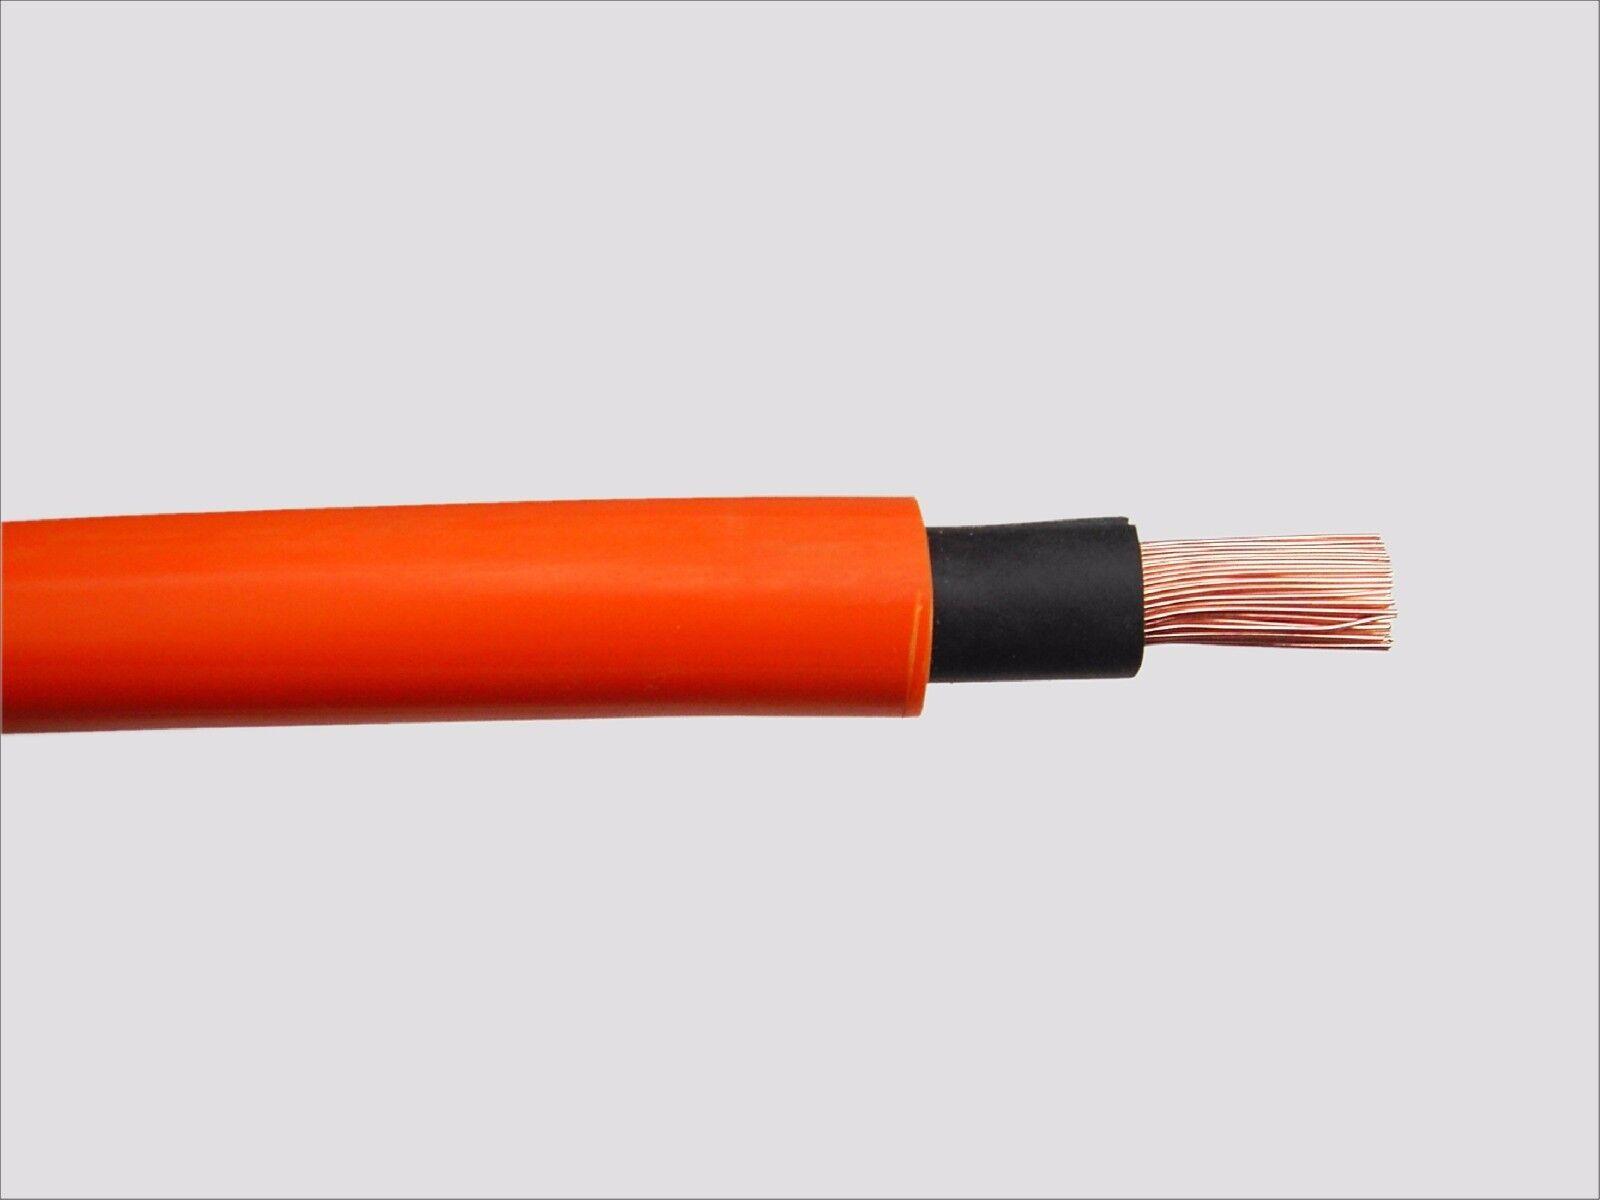 Schweißkabel ICEM DOUFLEX Orange 16mm² 25mm² 50mm² 70mm² - 2m 5m 10m 15m 20m | Am praktischsten